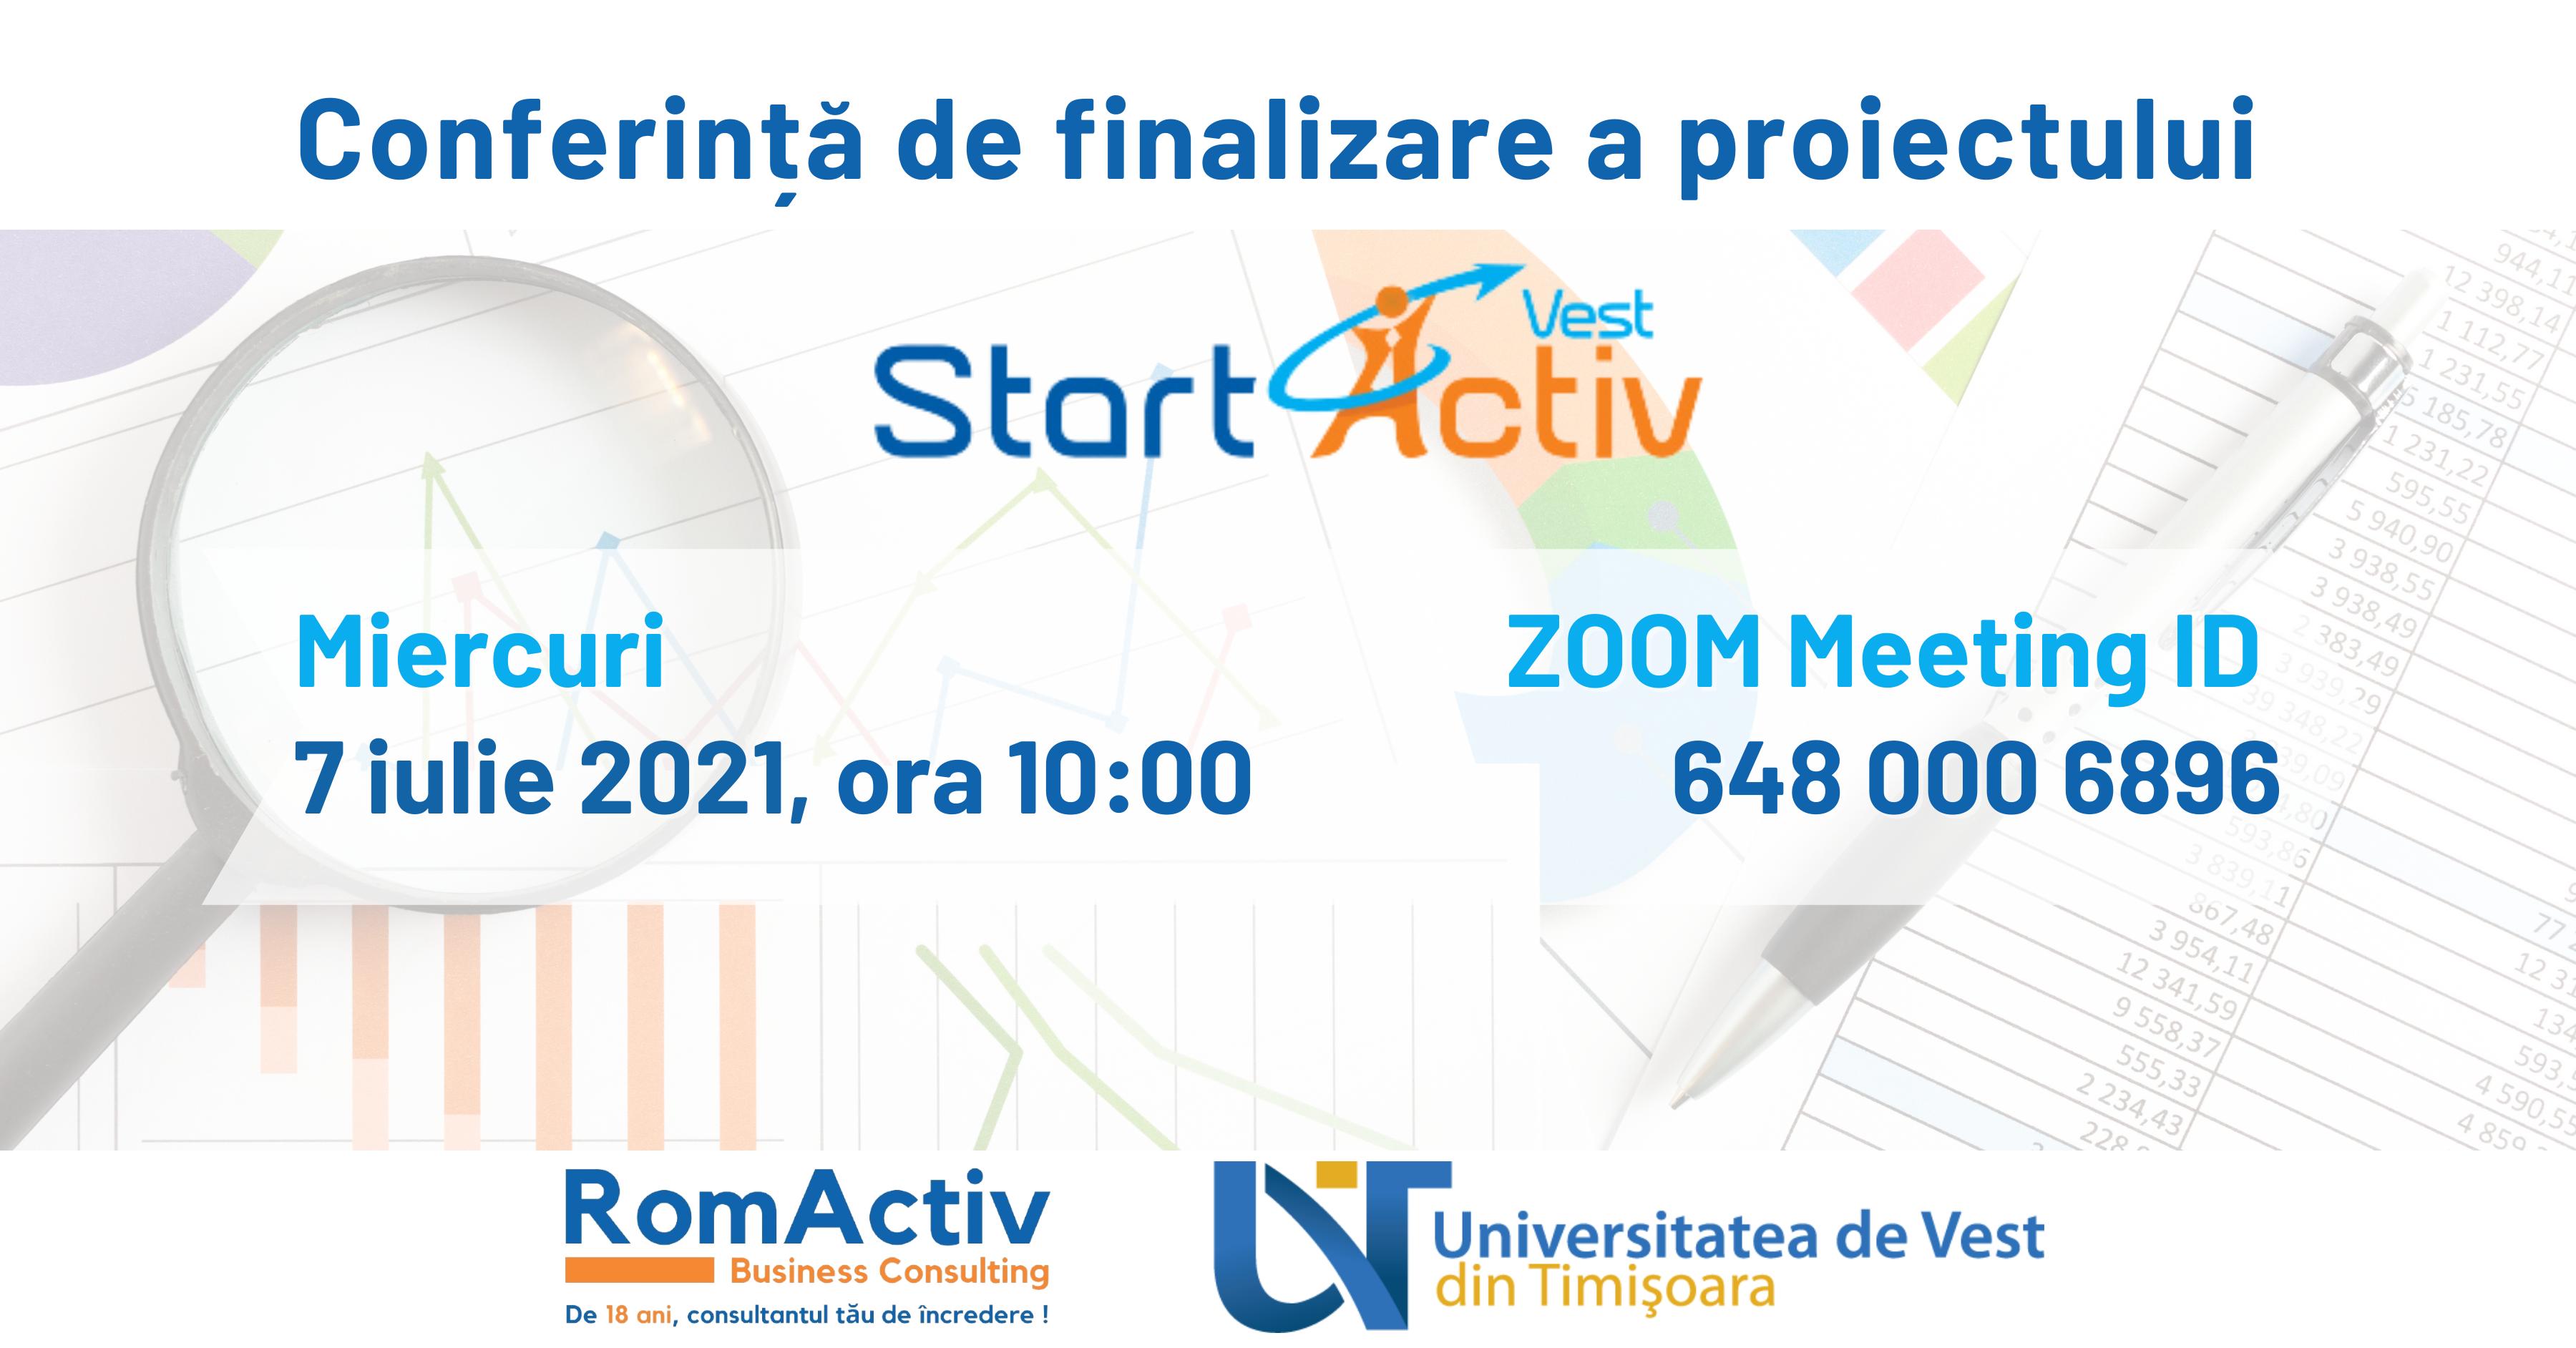 Conferinta De Finalizare A Proiectului StartActiv Vest